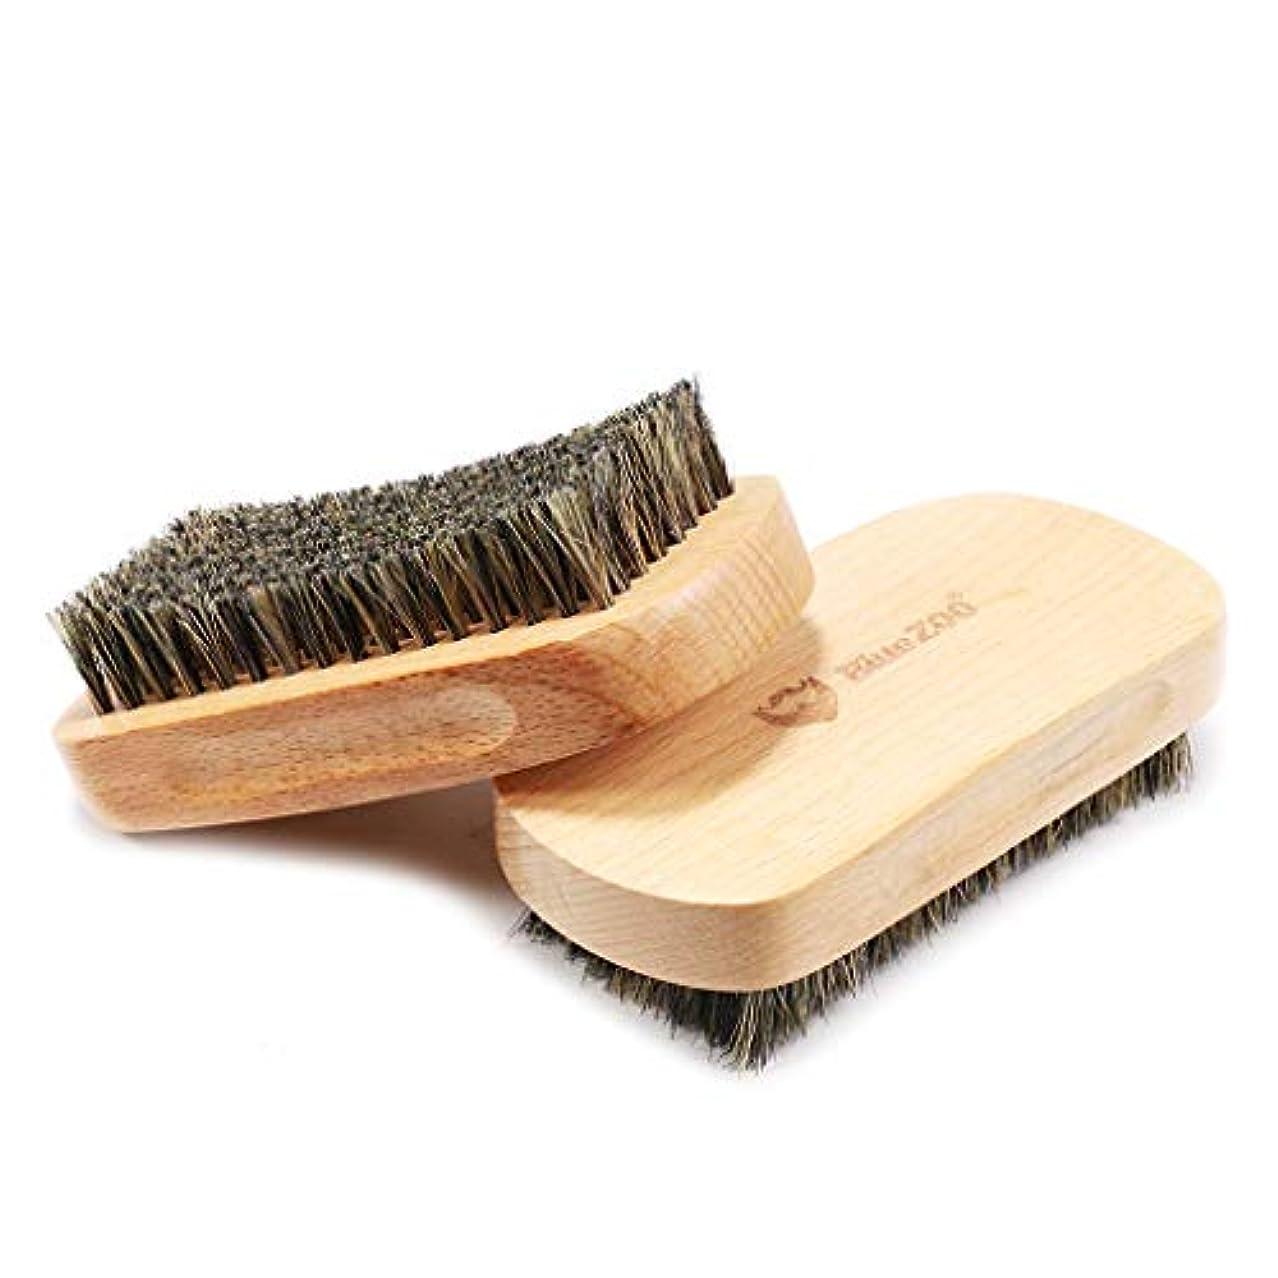 良心祝福代わってシェービングブラシ メンズ 理容 洗顔 髭剃り ひげブラシ 散髪整理 理髪用 首/顔 髭剃り